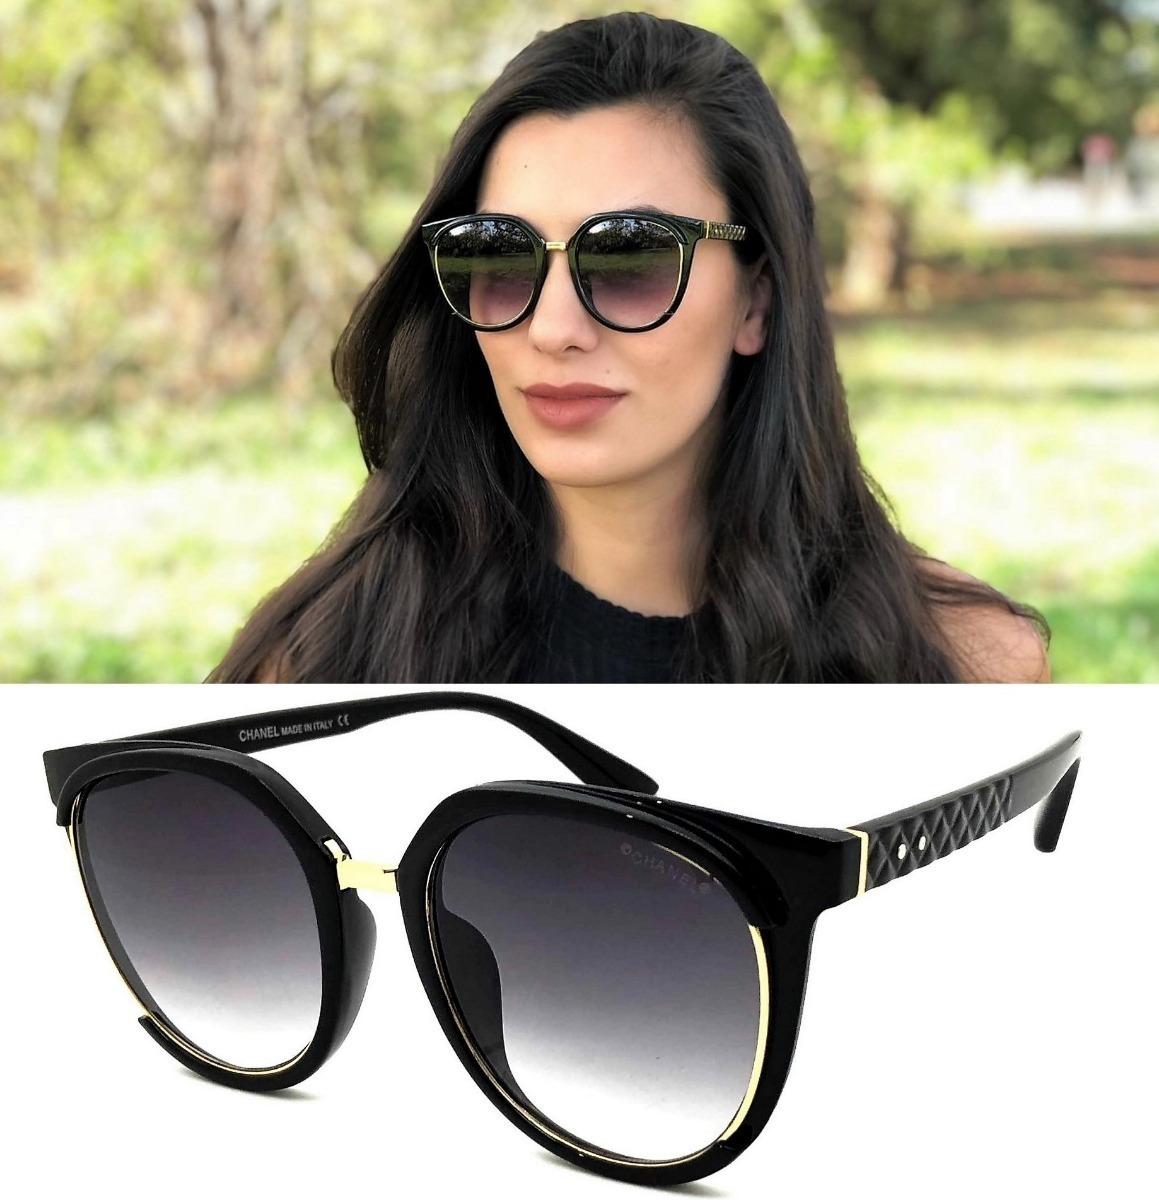 830219b51274b Oculos De Sol Feminino Ch0043 Acetato Uv400 Degradê - R  125,00 em ...